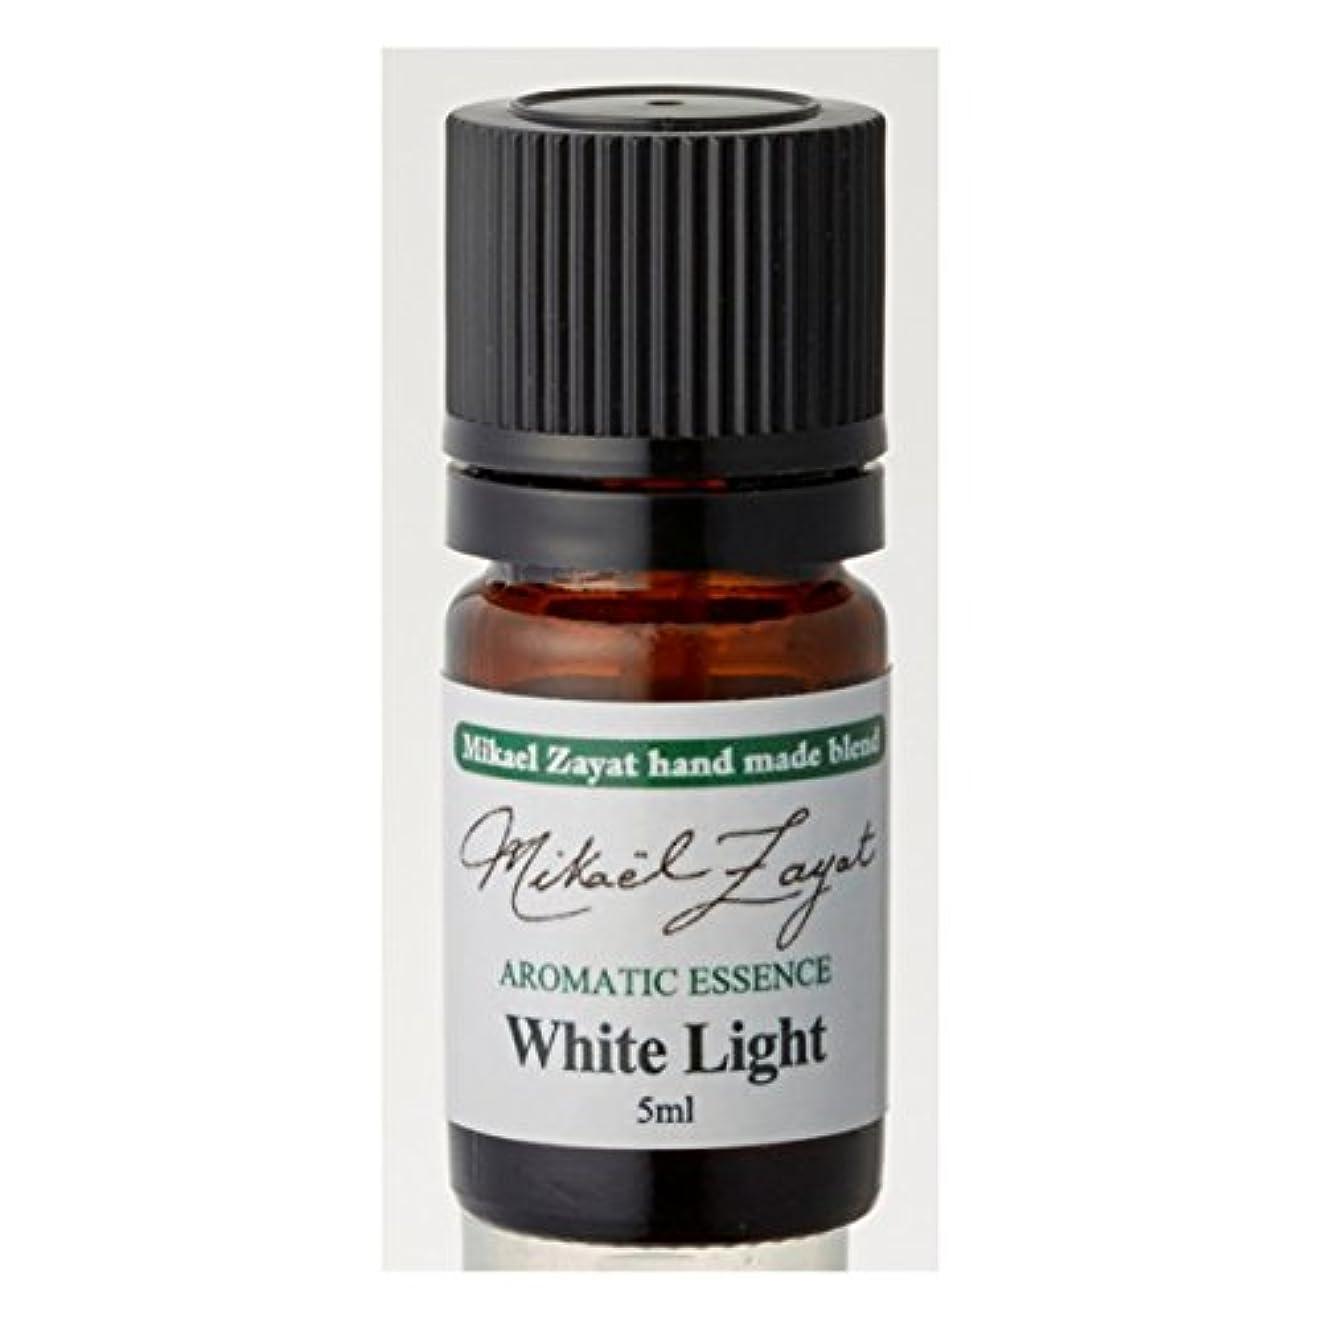 散歩滑り台序文ミカエルザヤット ホワイトライト White Light 10ml/ Mikael Zayat hand made blend